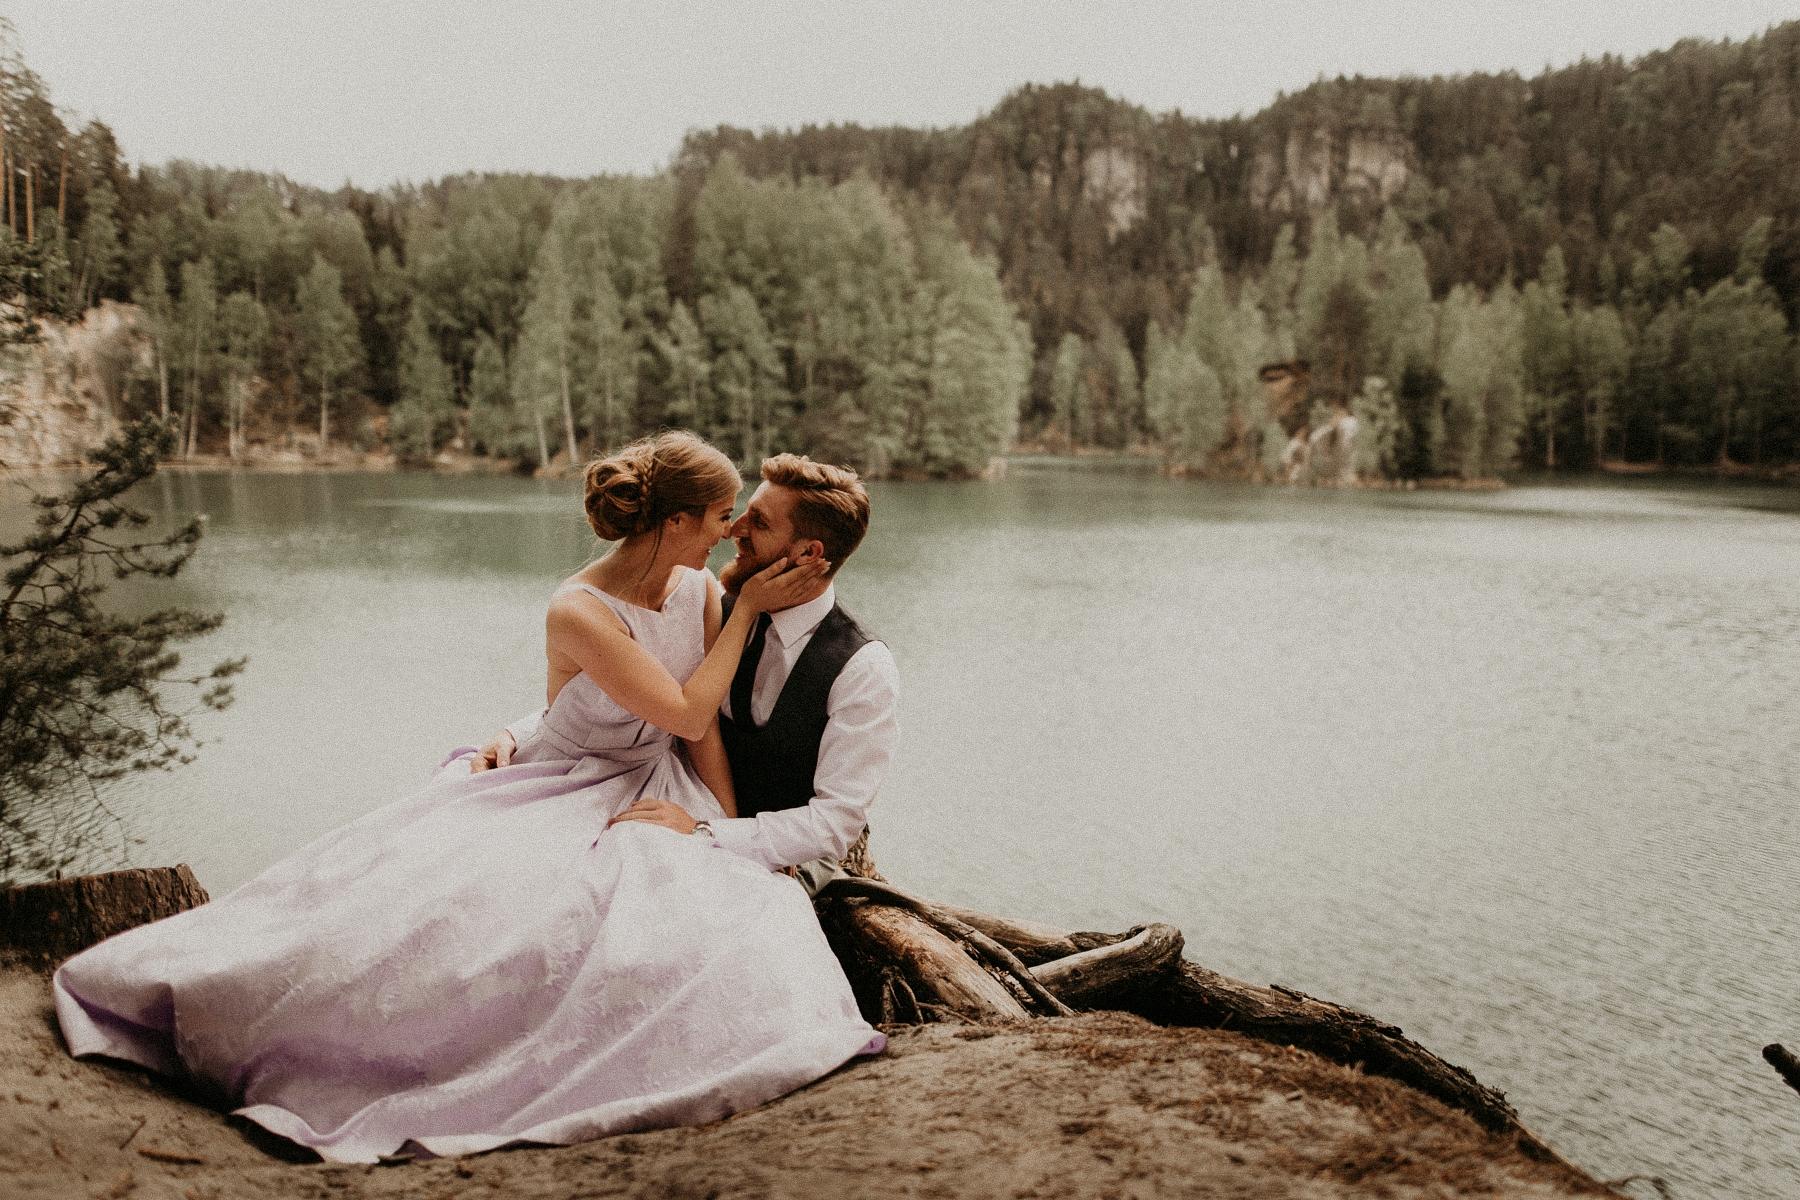 stuzkova, fotograf na stuzkovu, fotenie svadby, svadobny fotograf presov, svadobná fotografia, svadobne fotografie presov, svadobný fotograf spišská nová ves, fotograf východné slovensko,